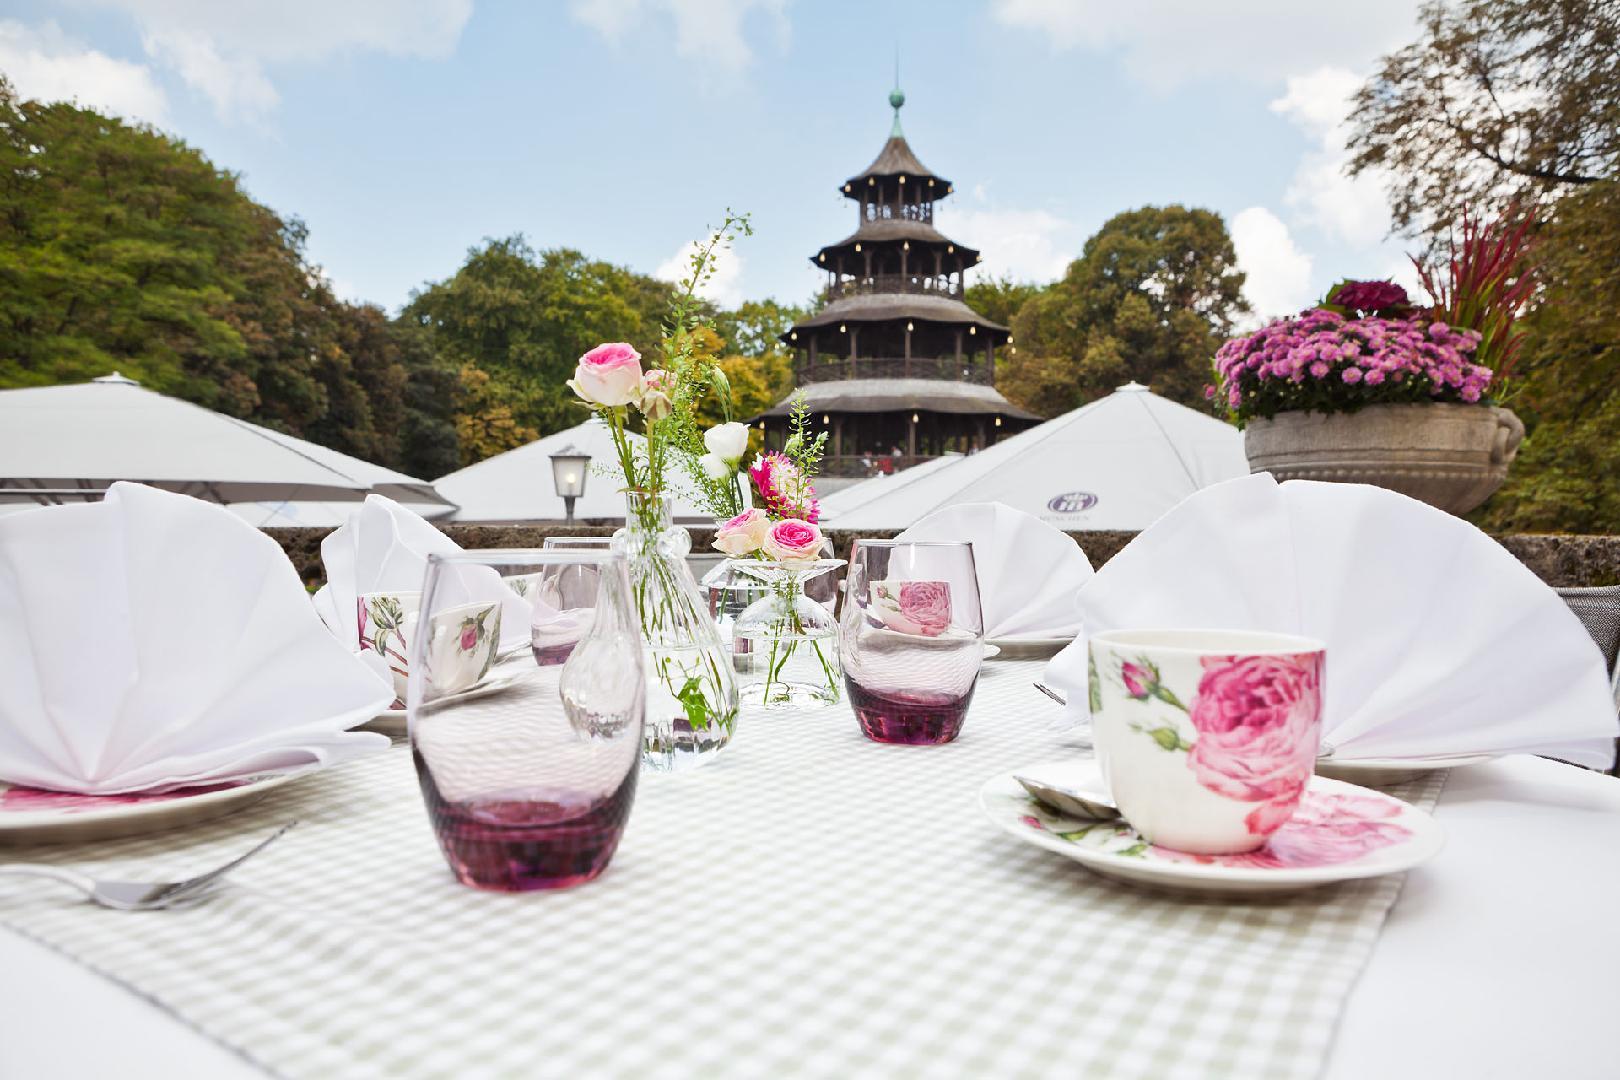 Bild 3 von Restaurant am Chinesischen Turm